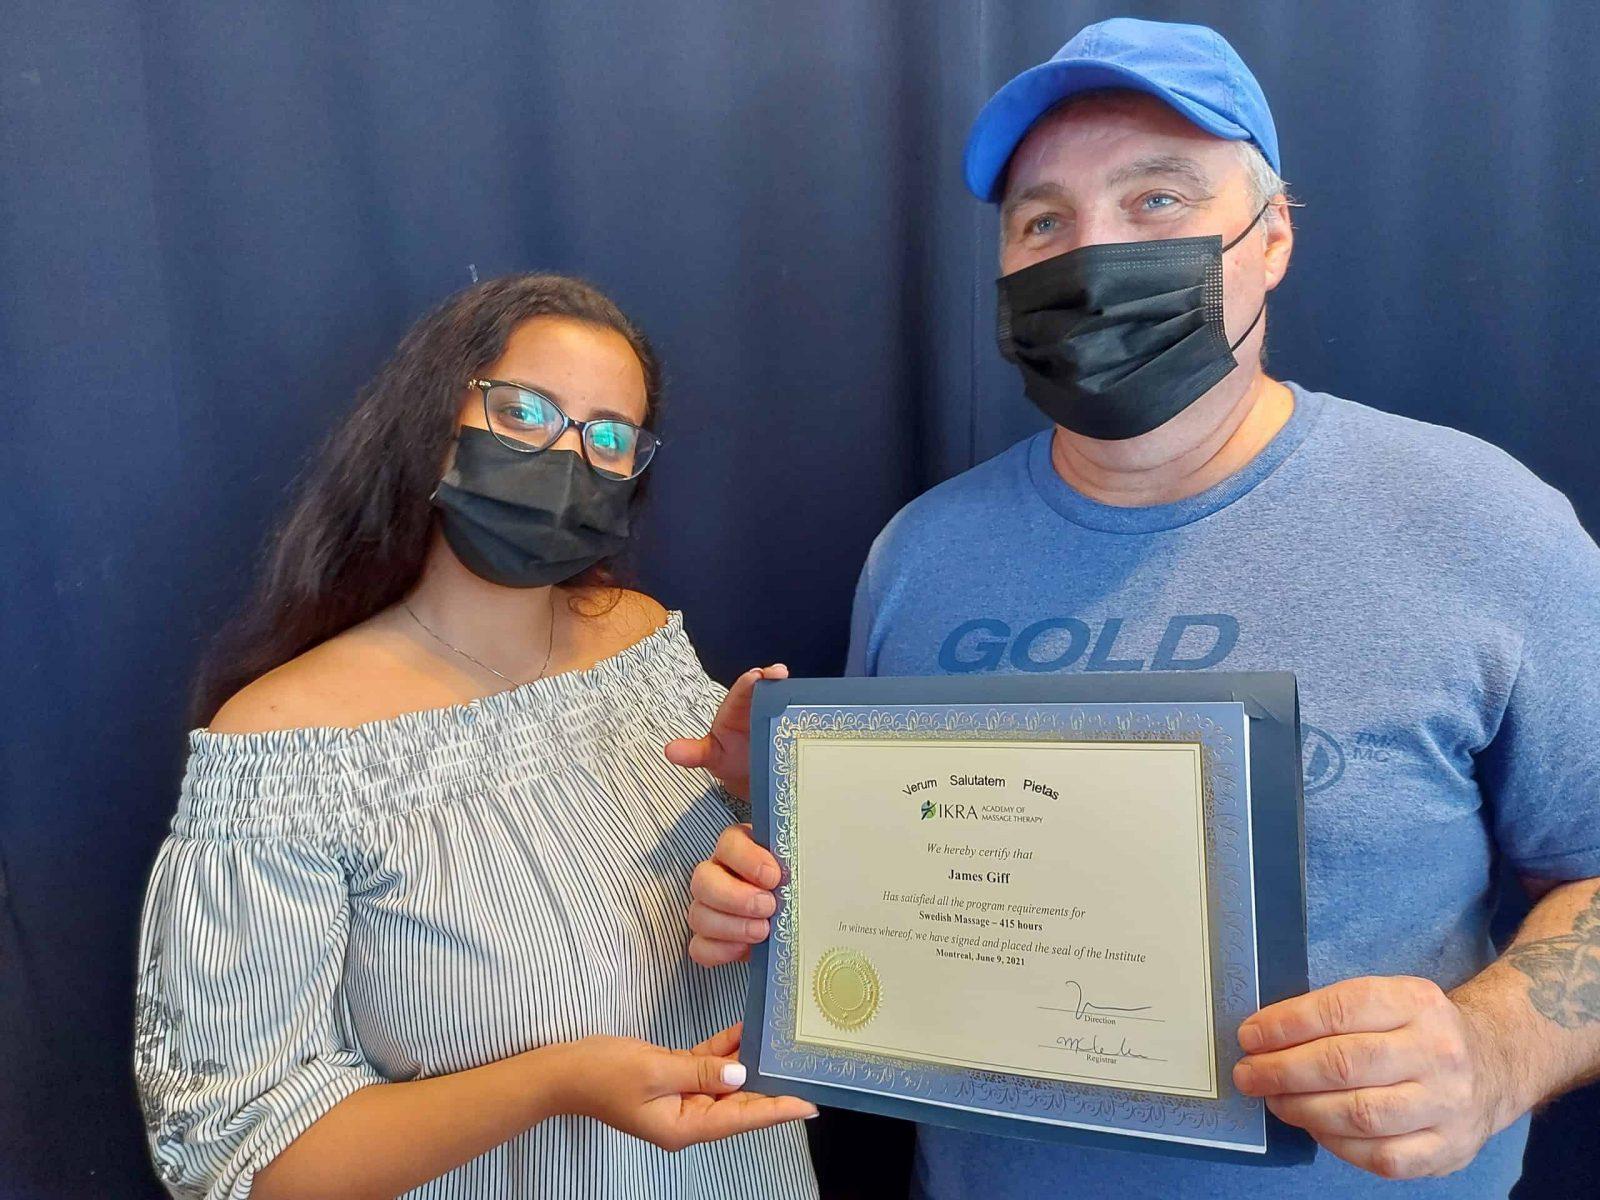 James Giff reçoit son diplôme de l'Académie de massothérapie IKRA.